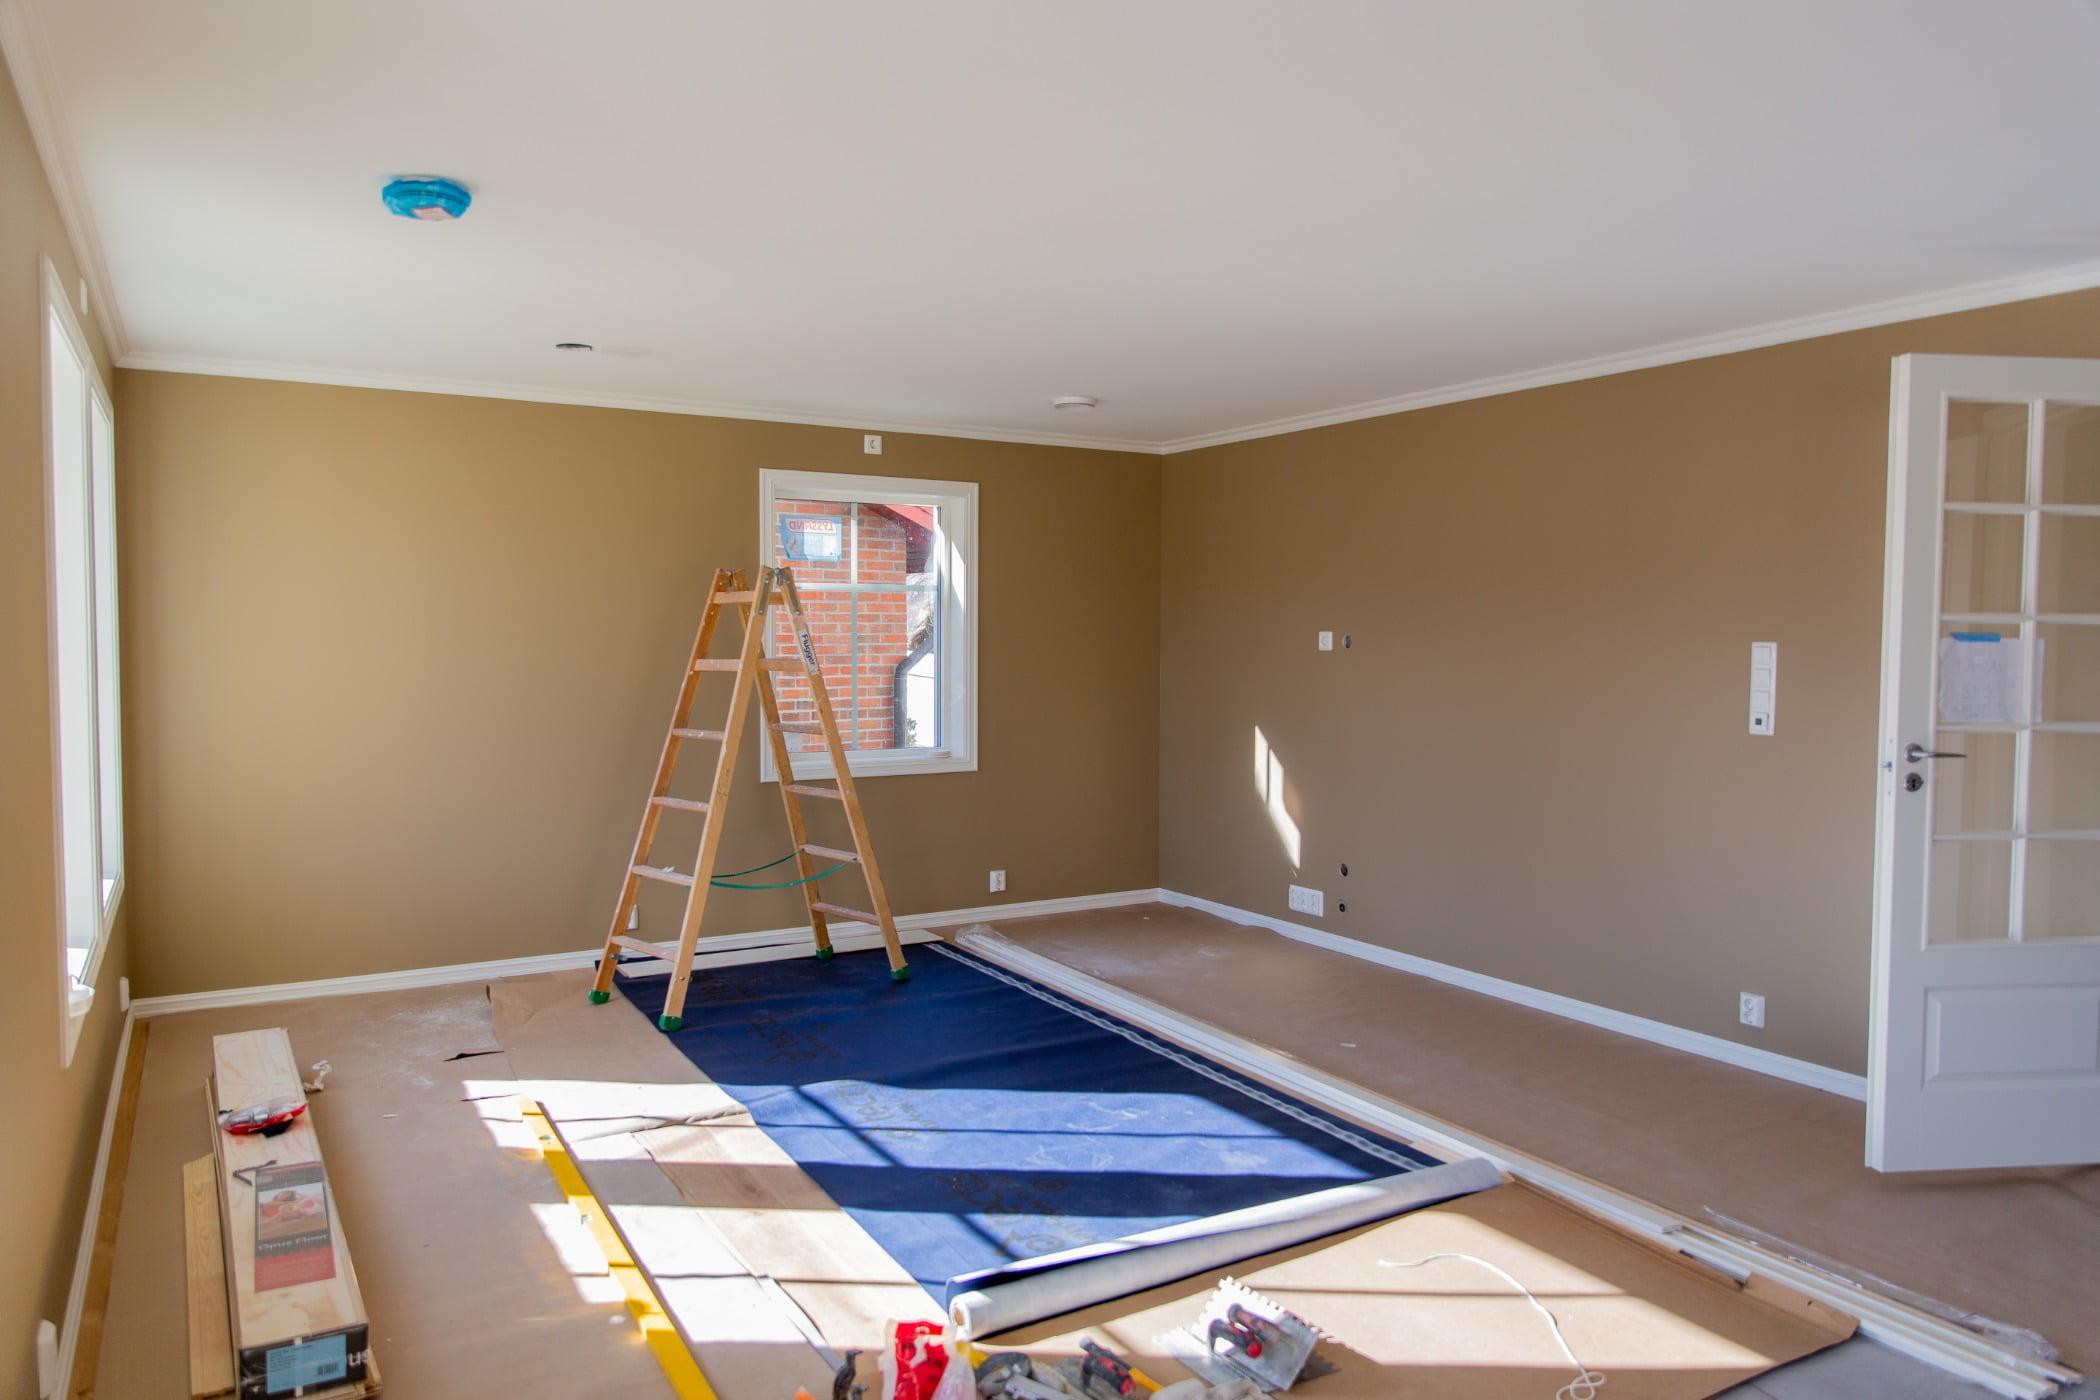 Interior design, Property, Fixture, Paint, Wood, Window, Lighting, Flooring, Floor, Wall